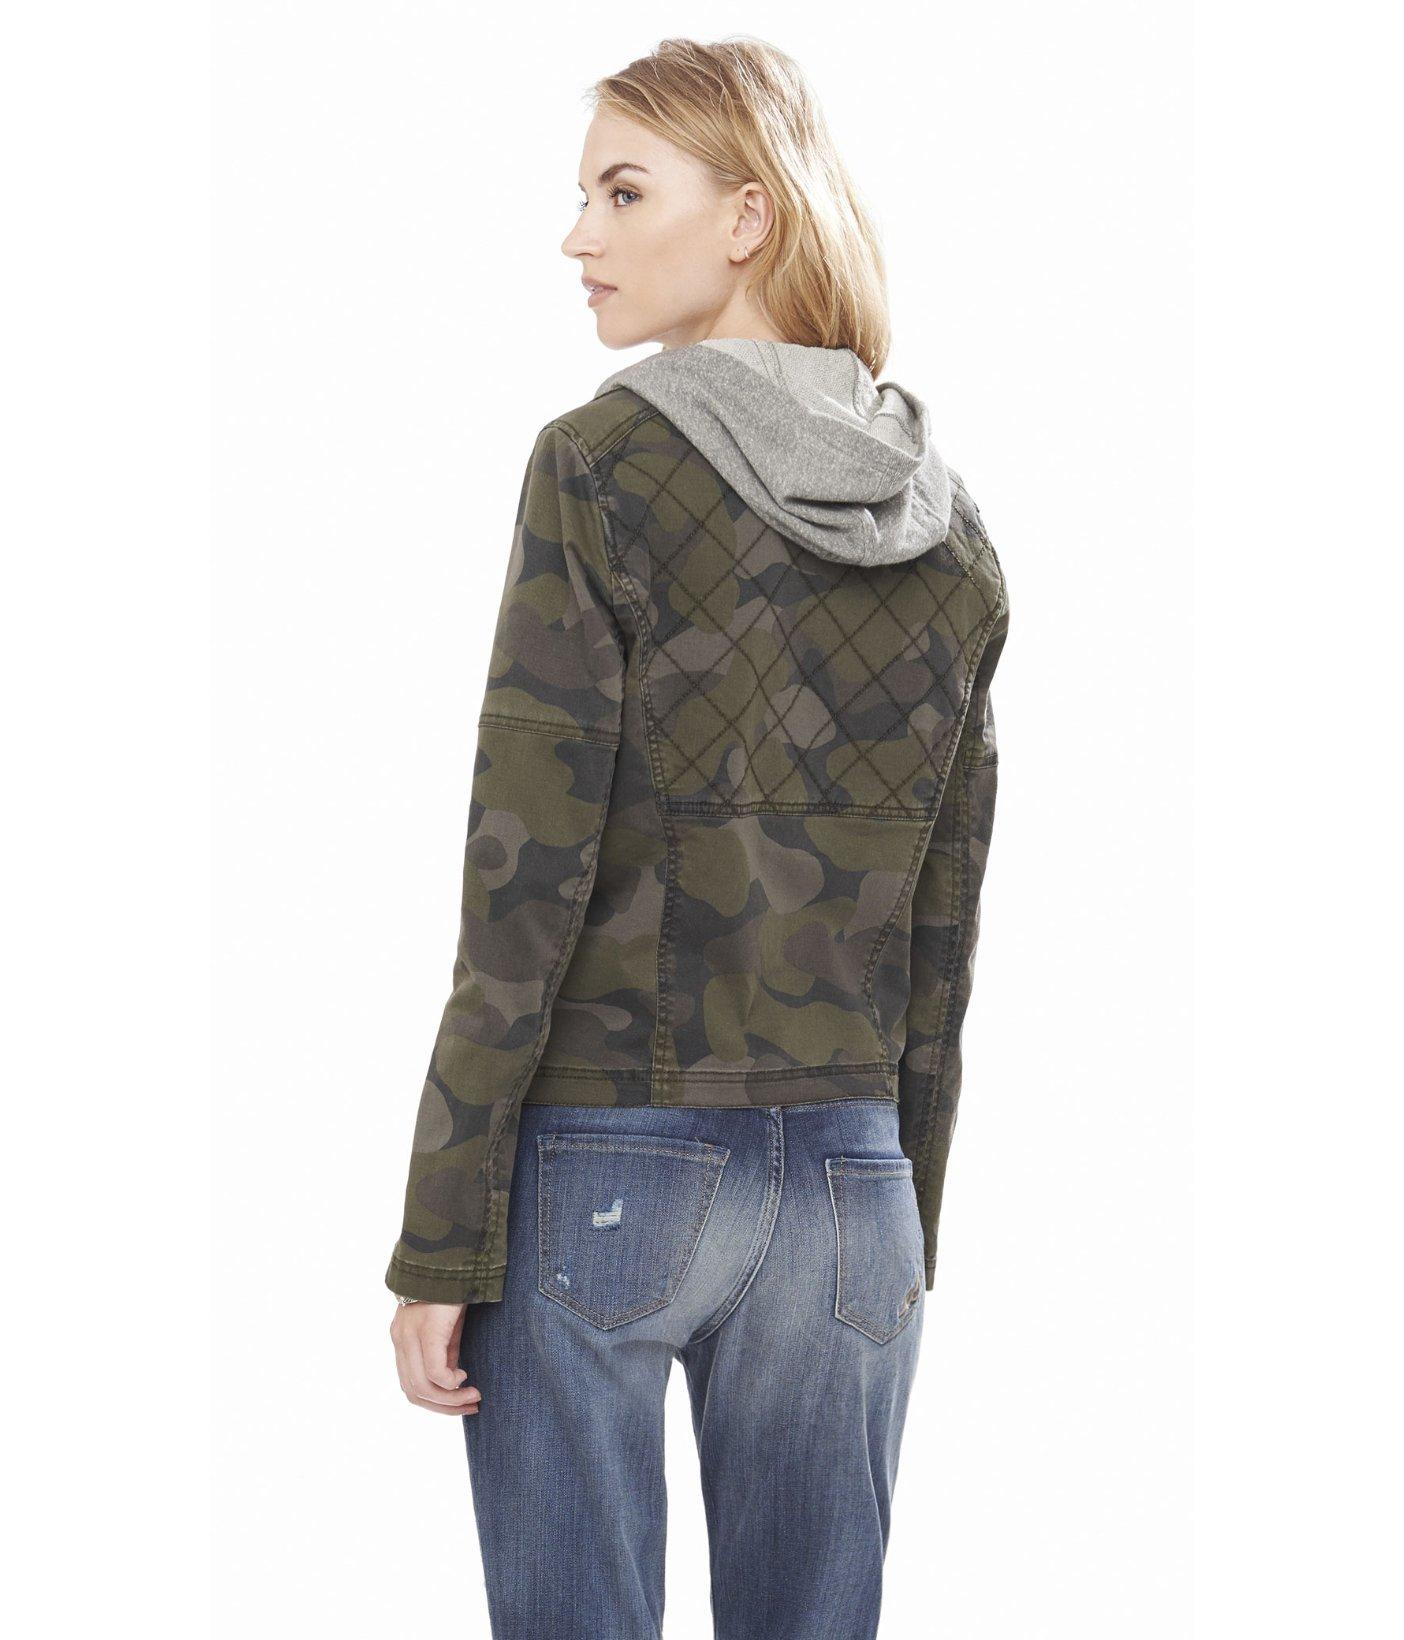 Camouflage jacket express